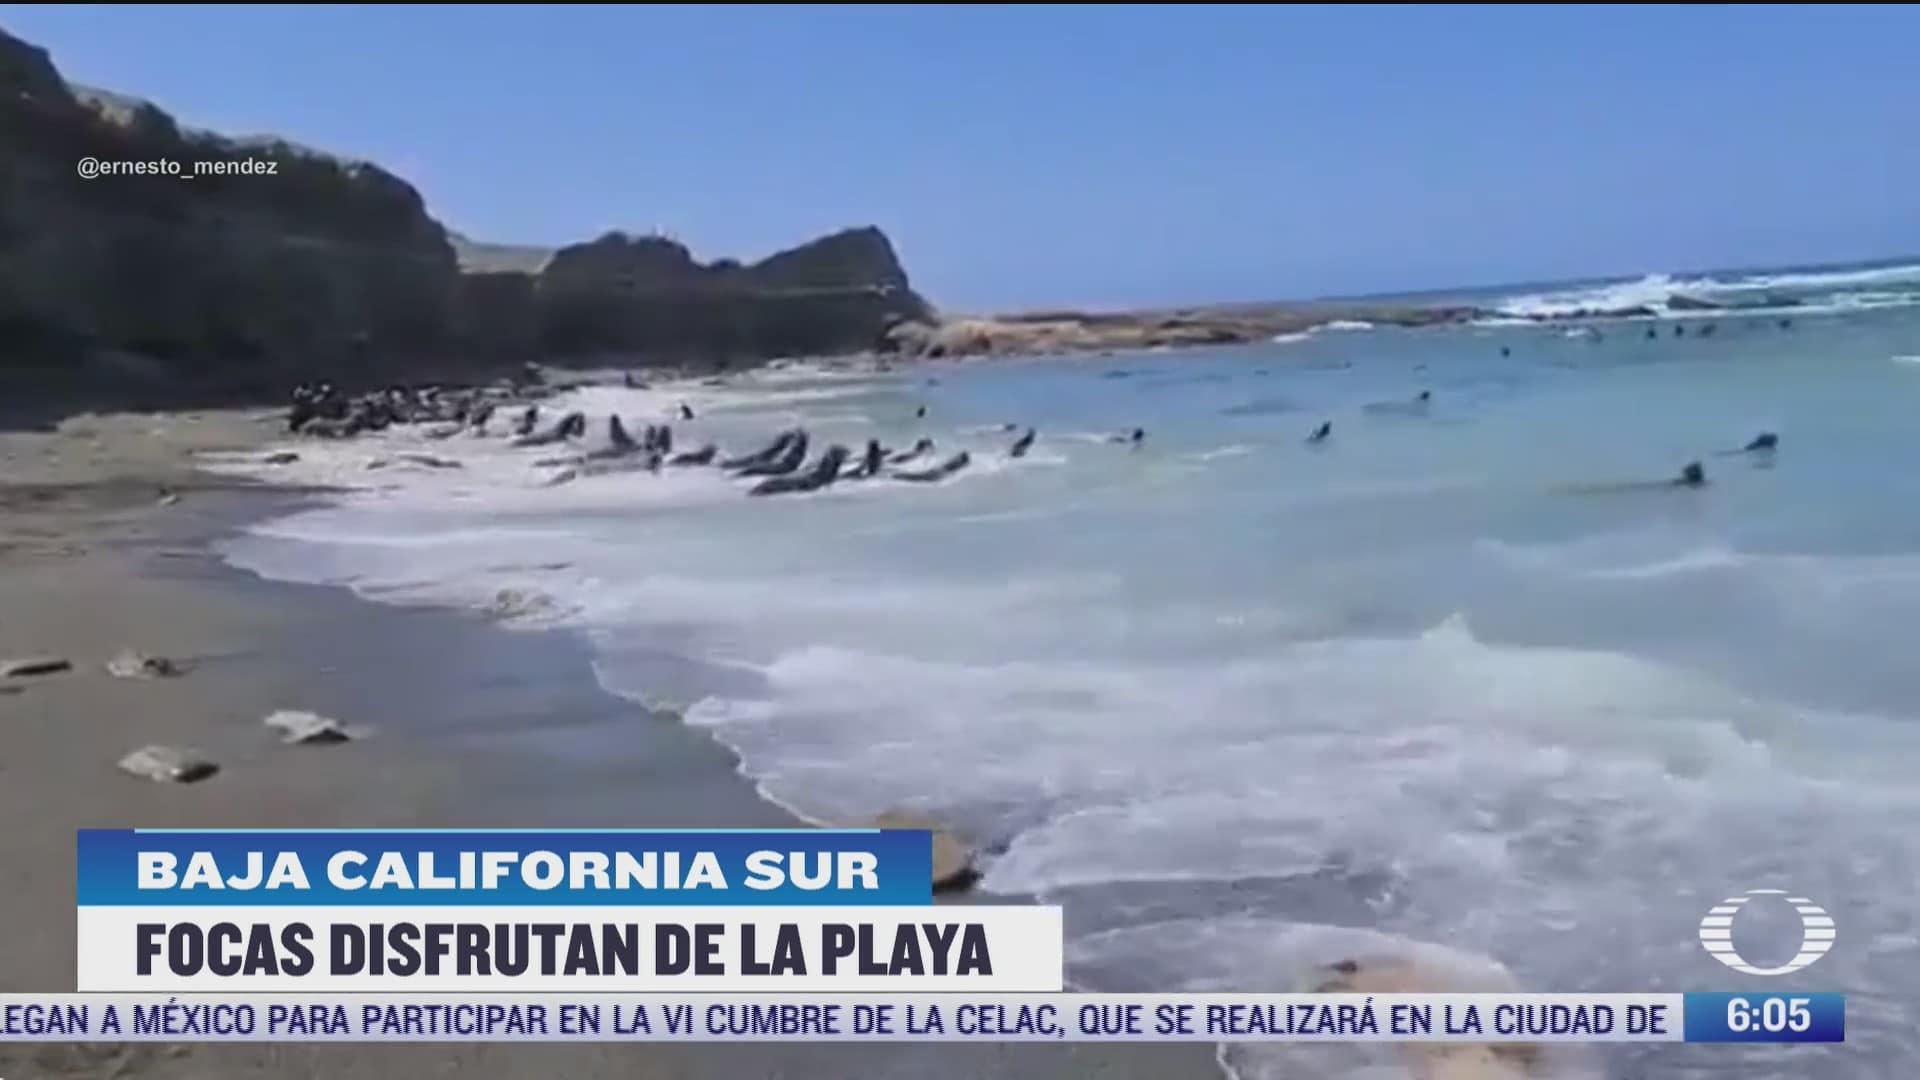 decenas de focas y leones marinos invaden playa en baja california sur